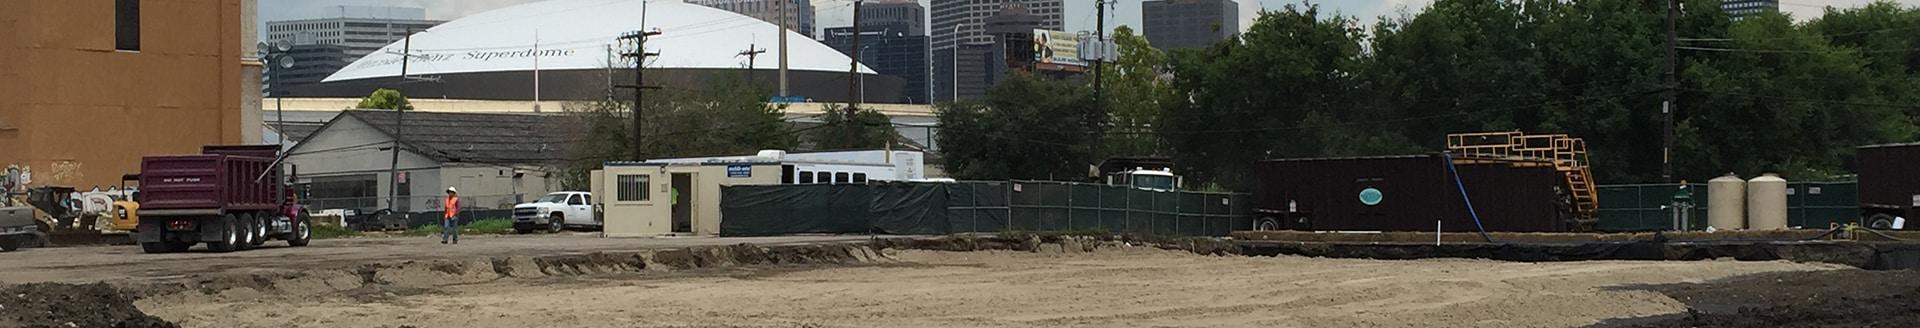 Demolition_banner